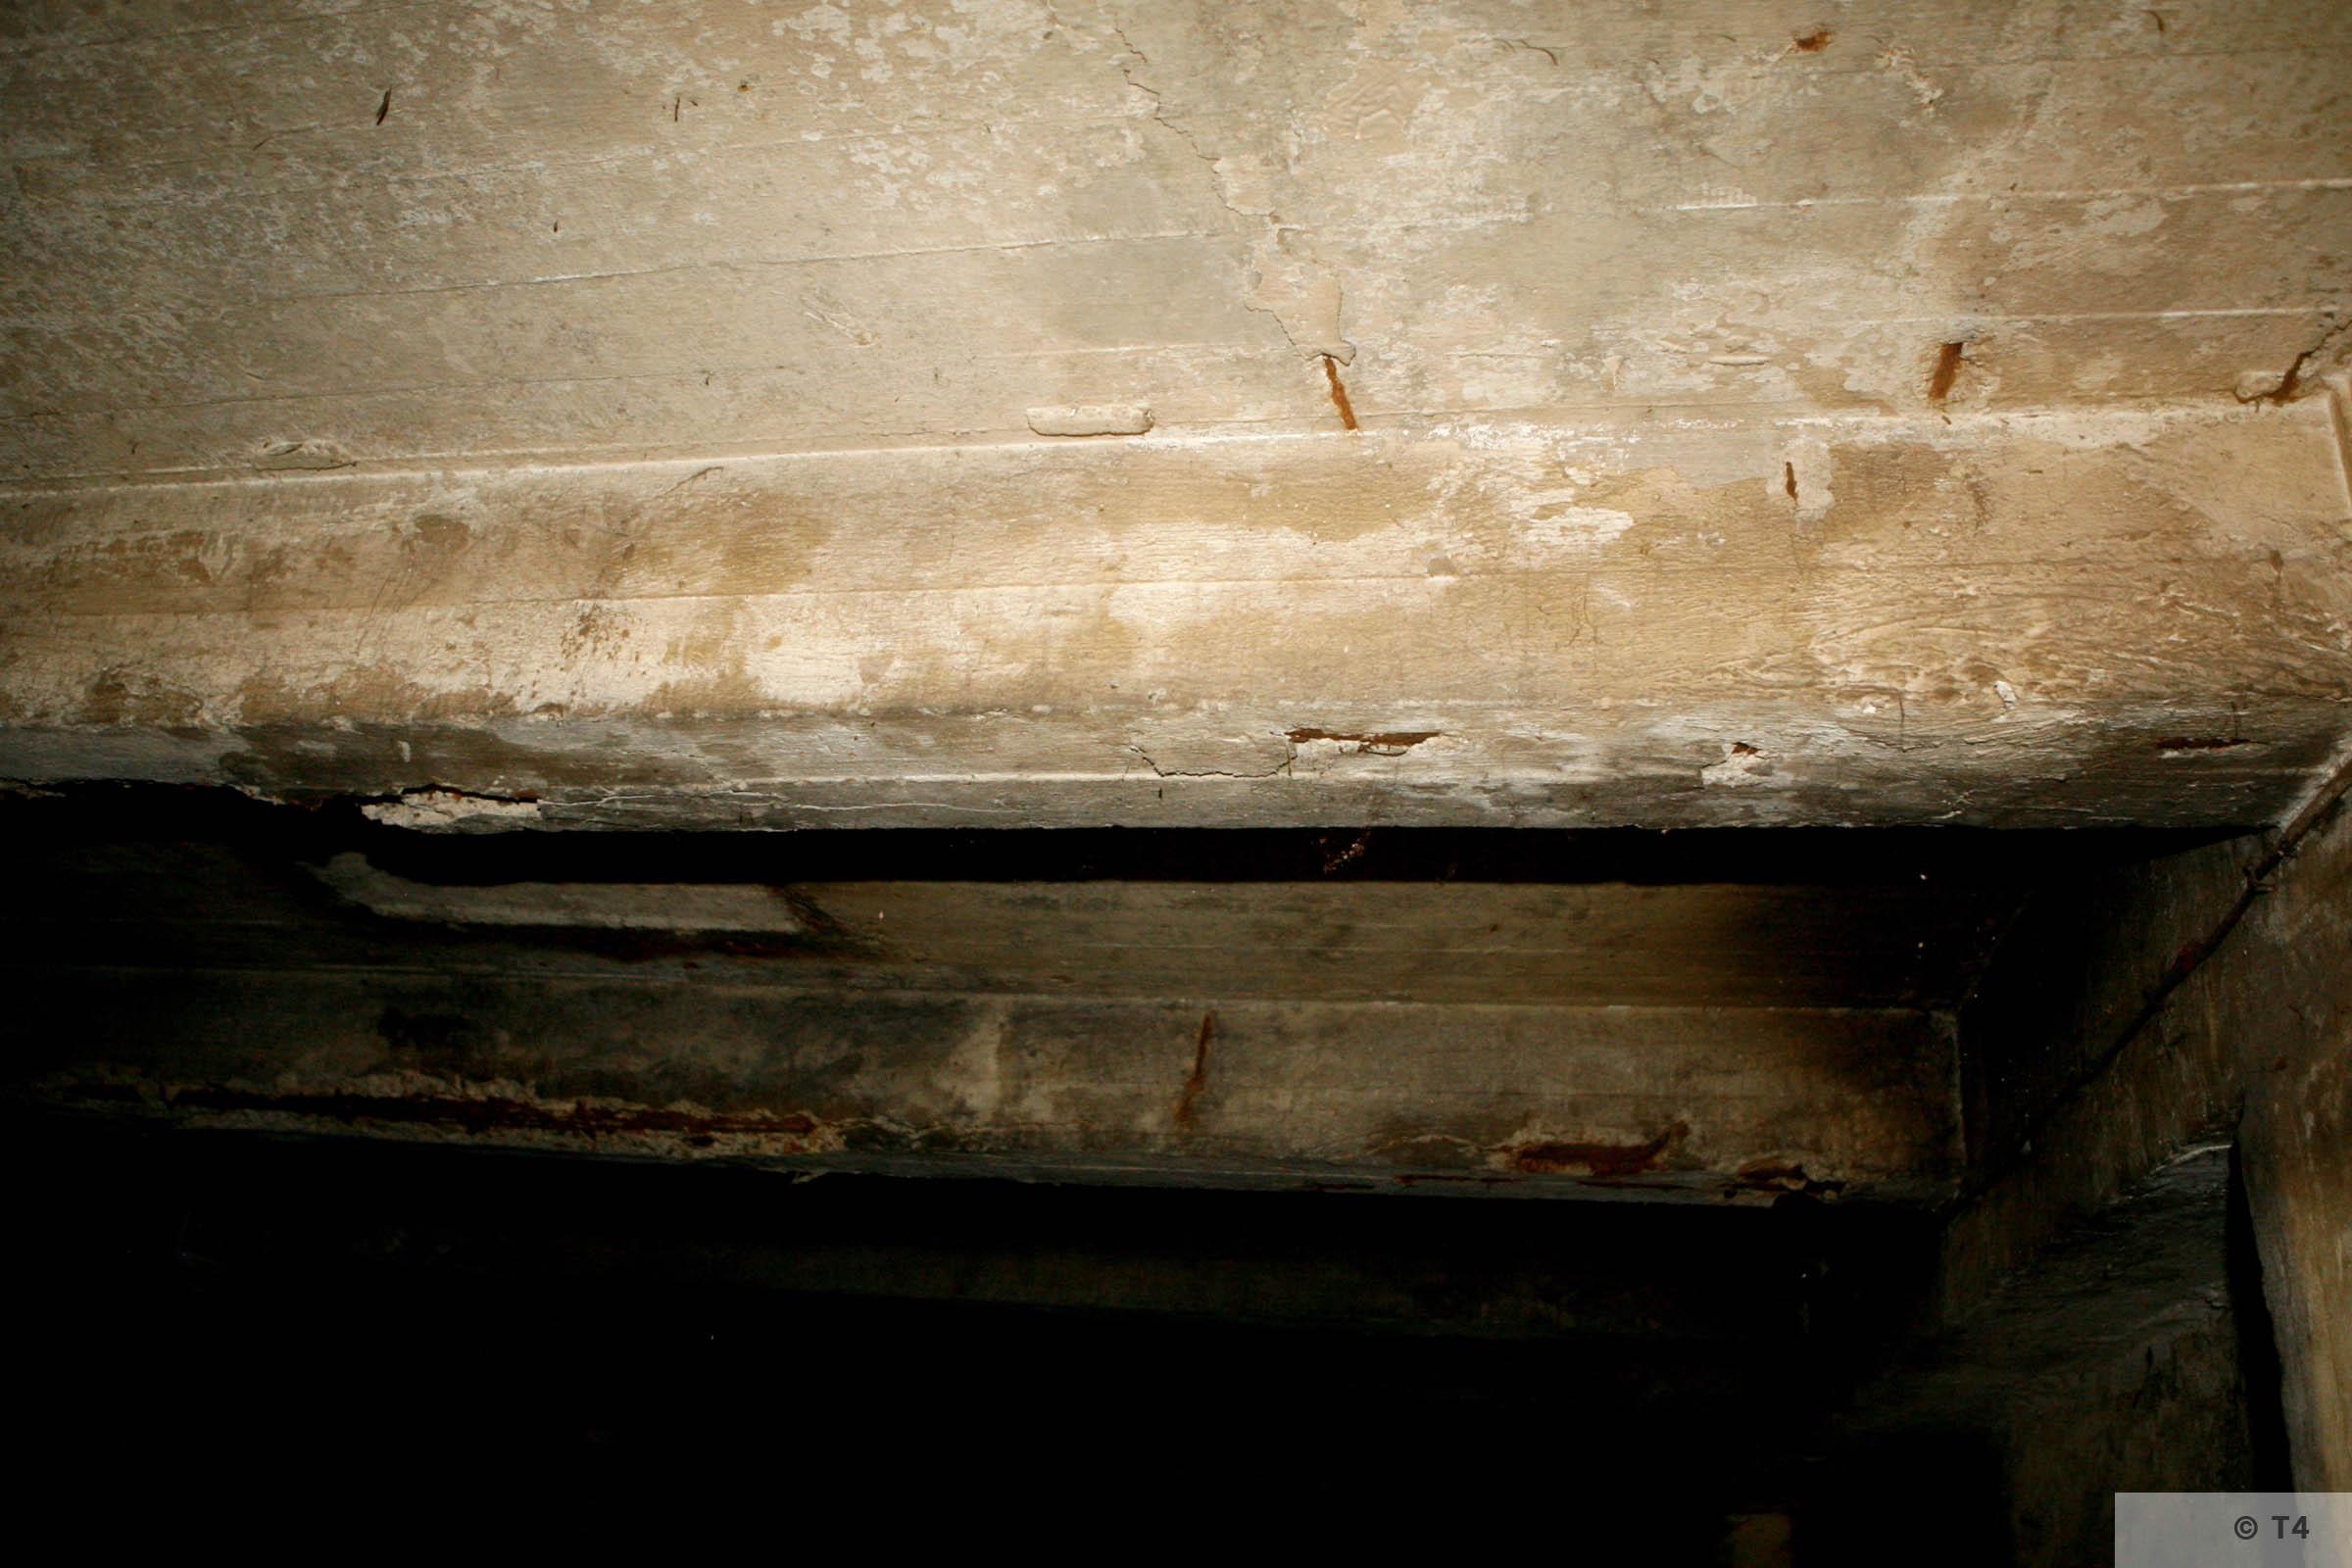 Air raid bunker. 2006 T4 3763